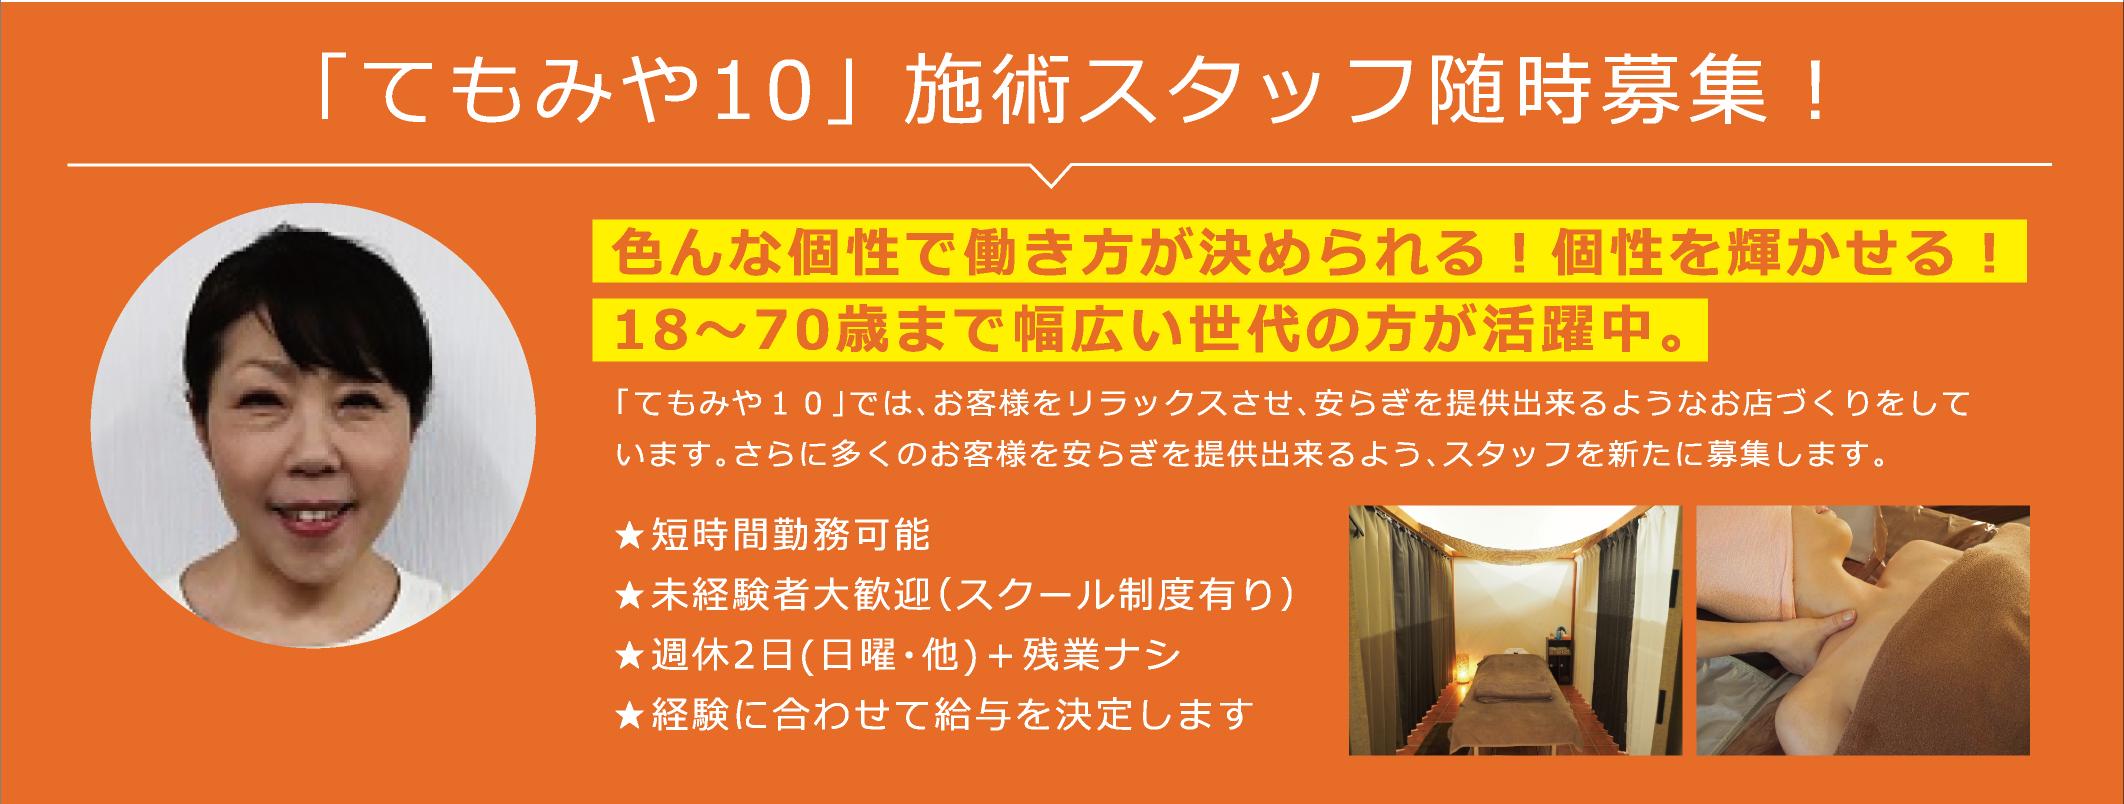 福井県リラクゼーションサロンてもみや求人